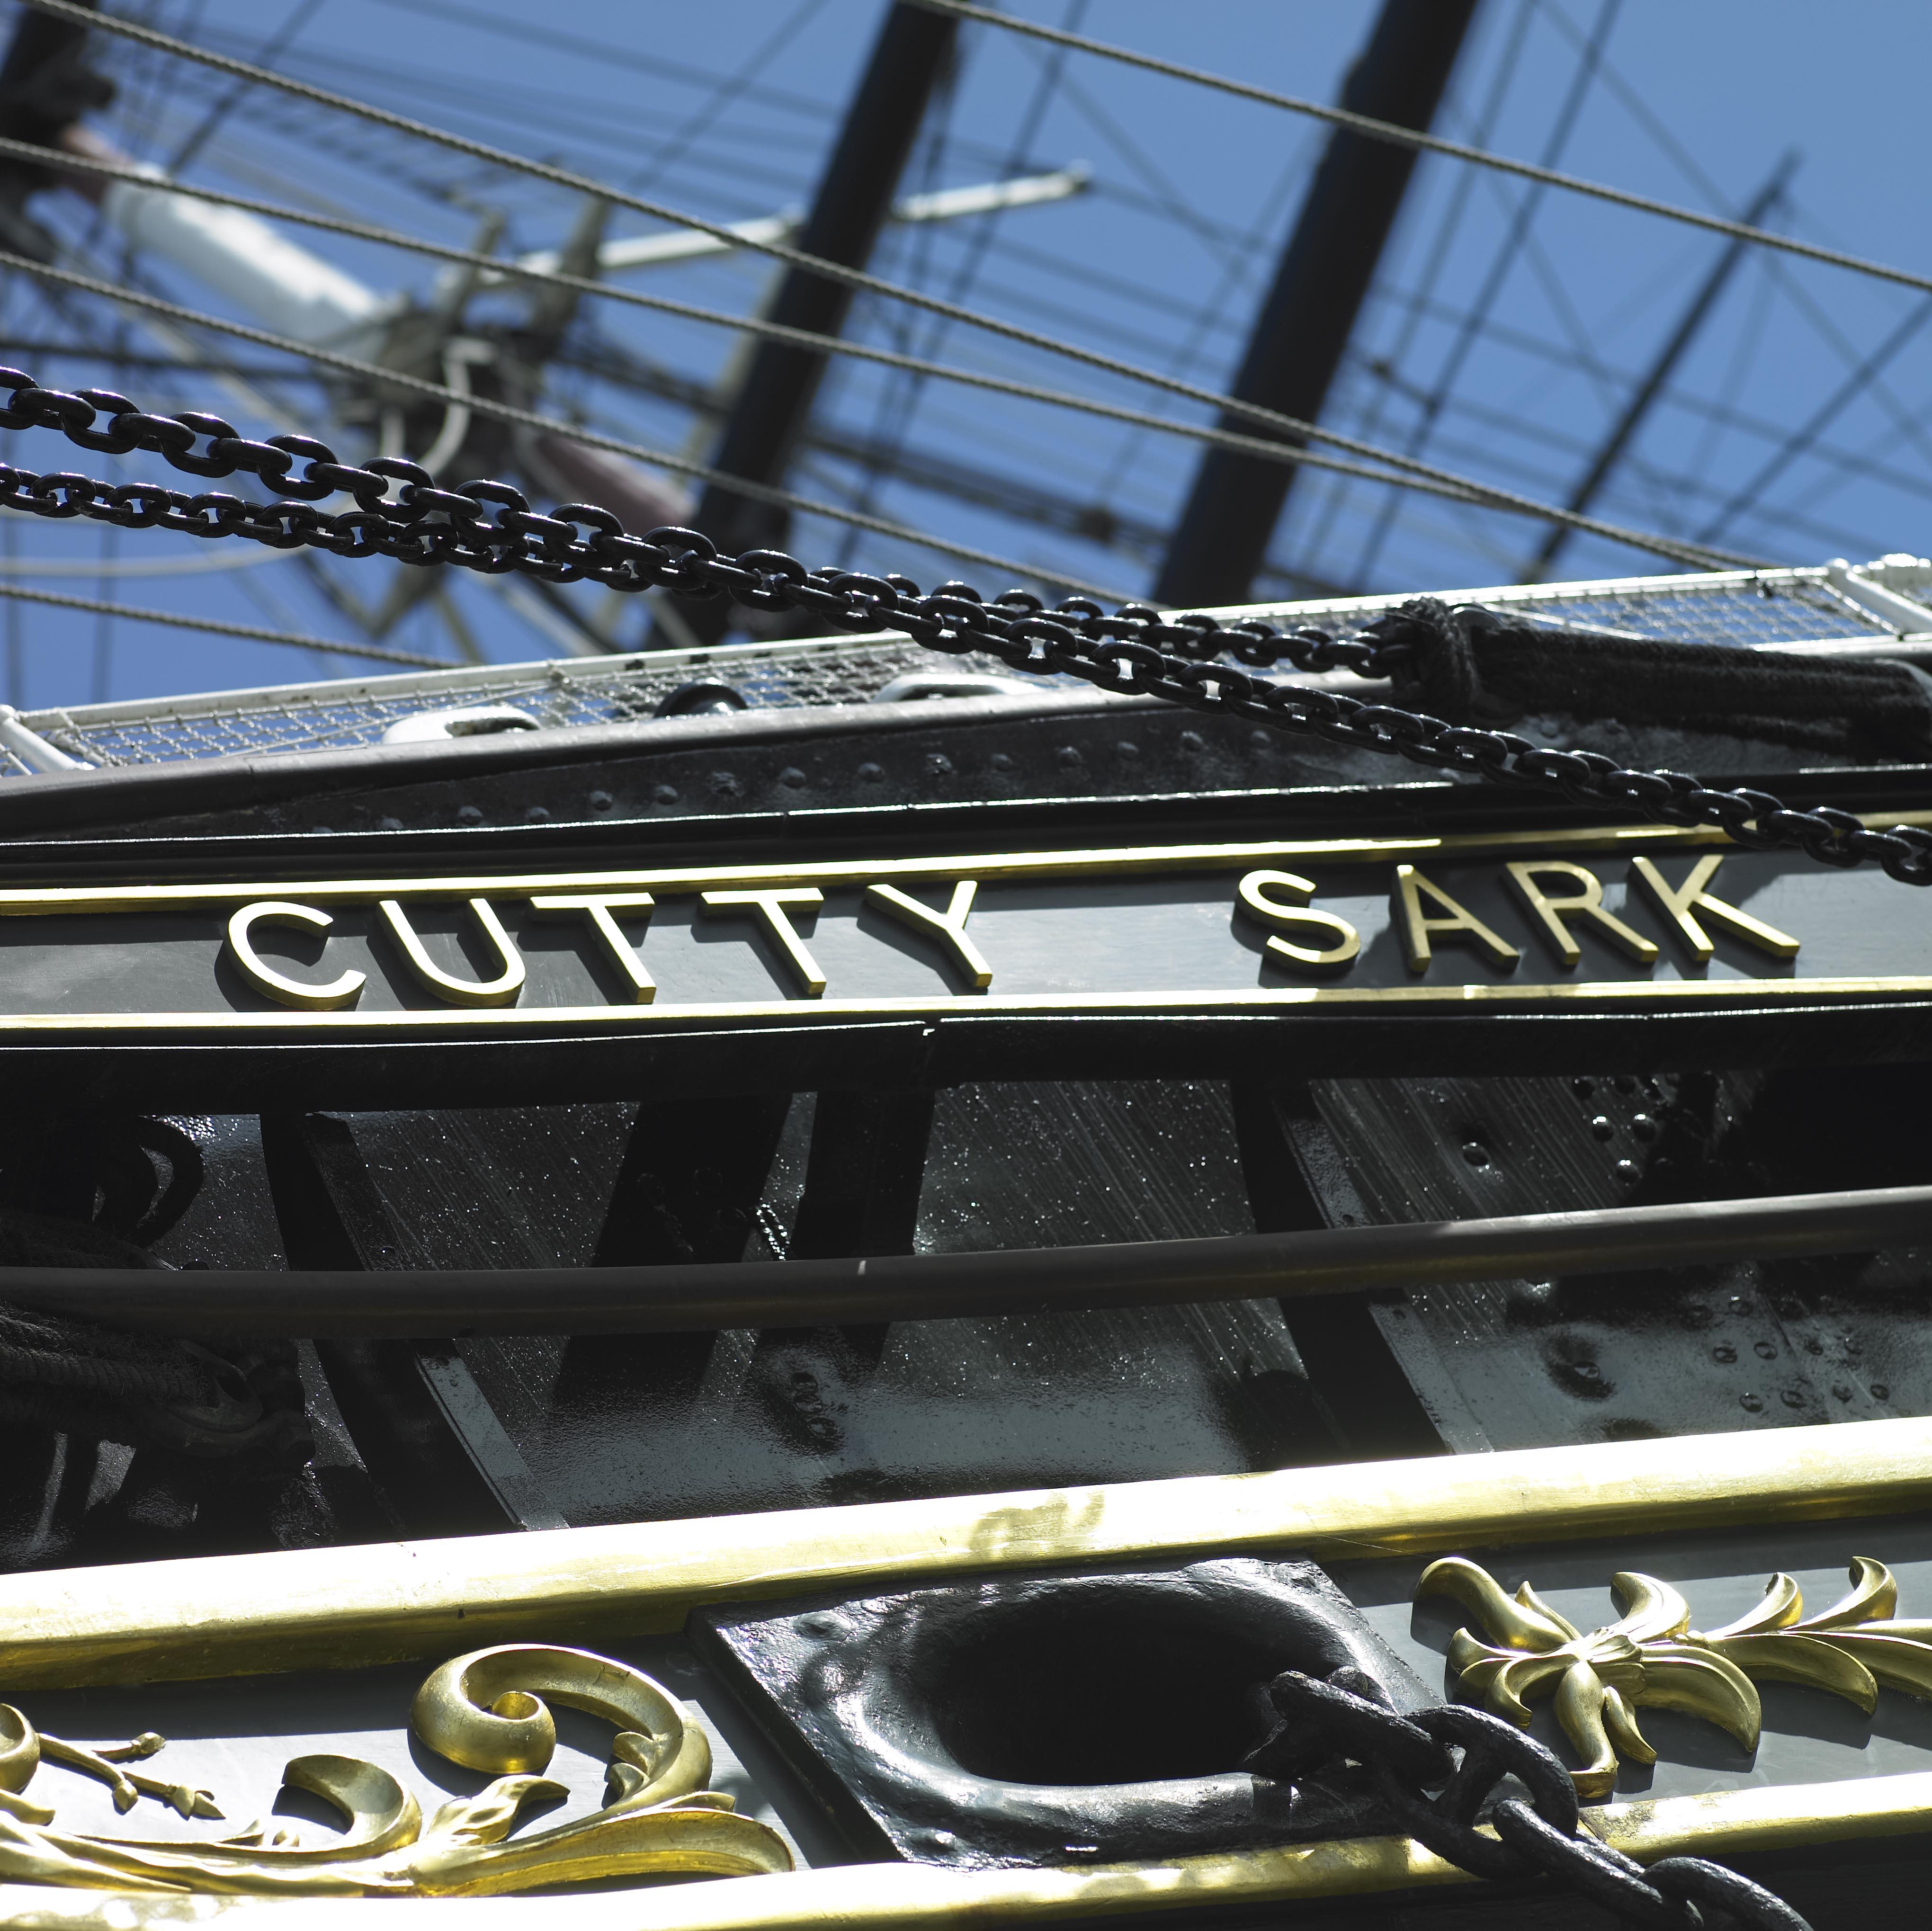 Cutty Sark 05